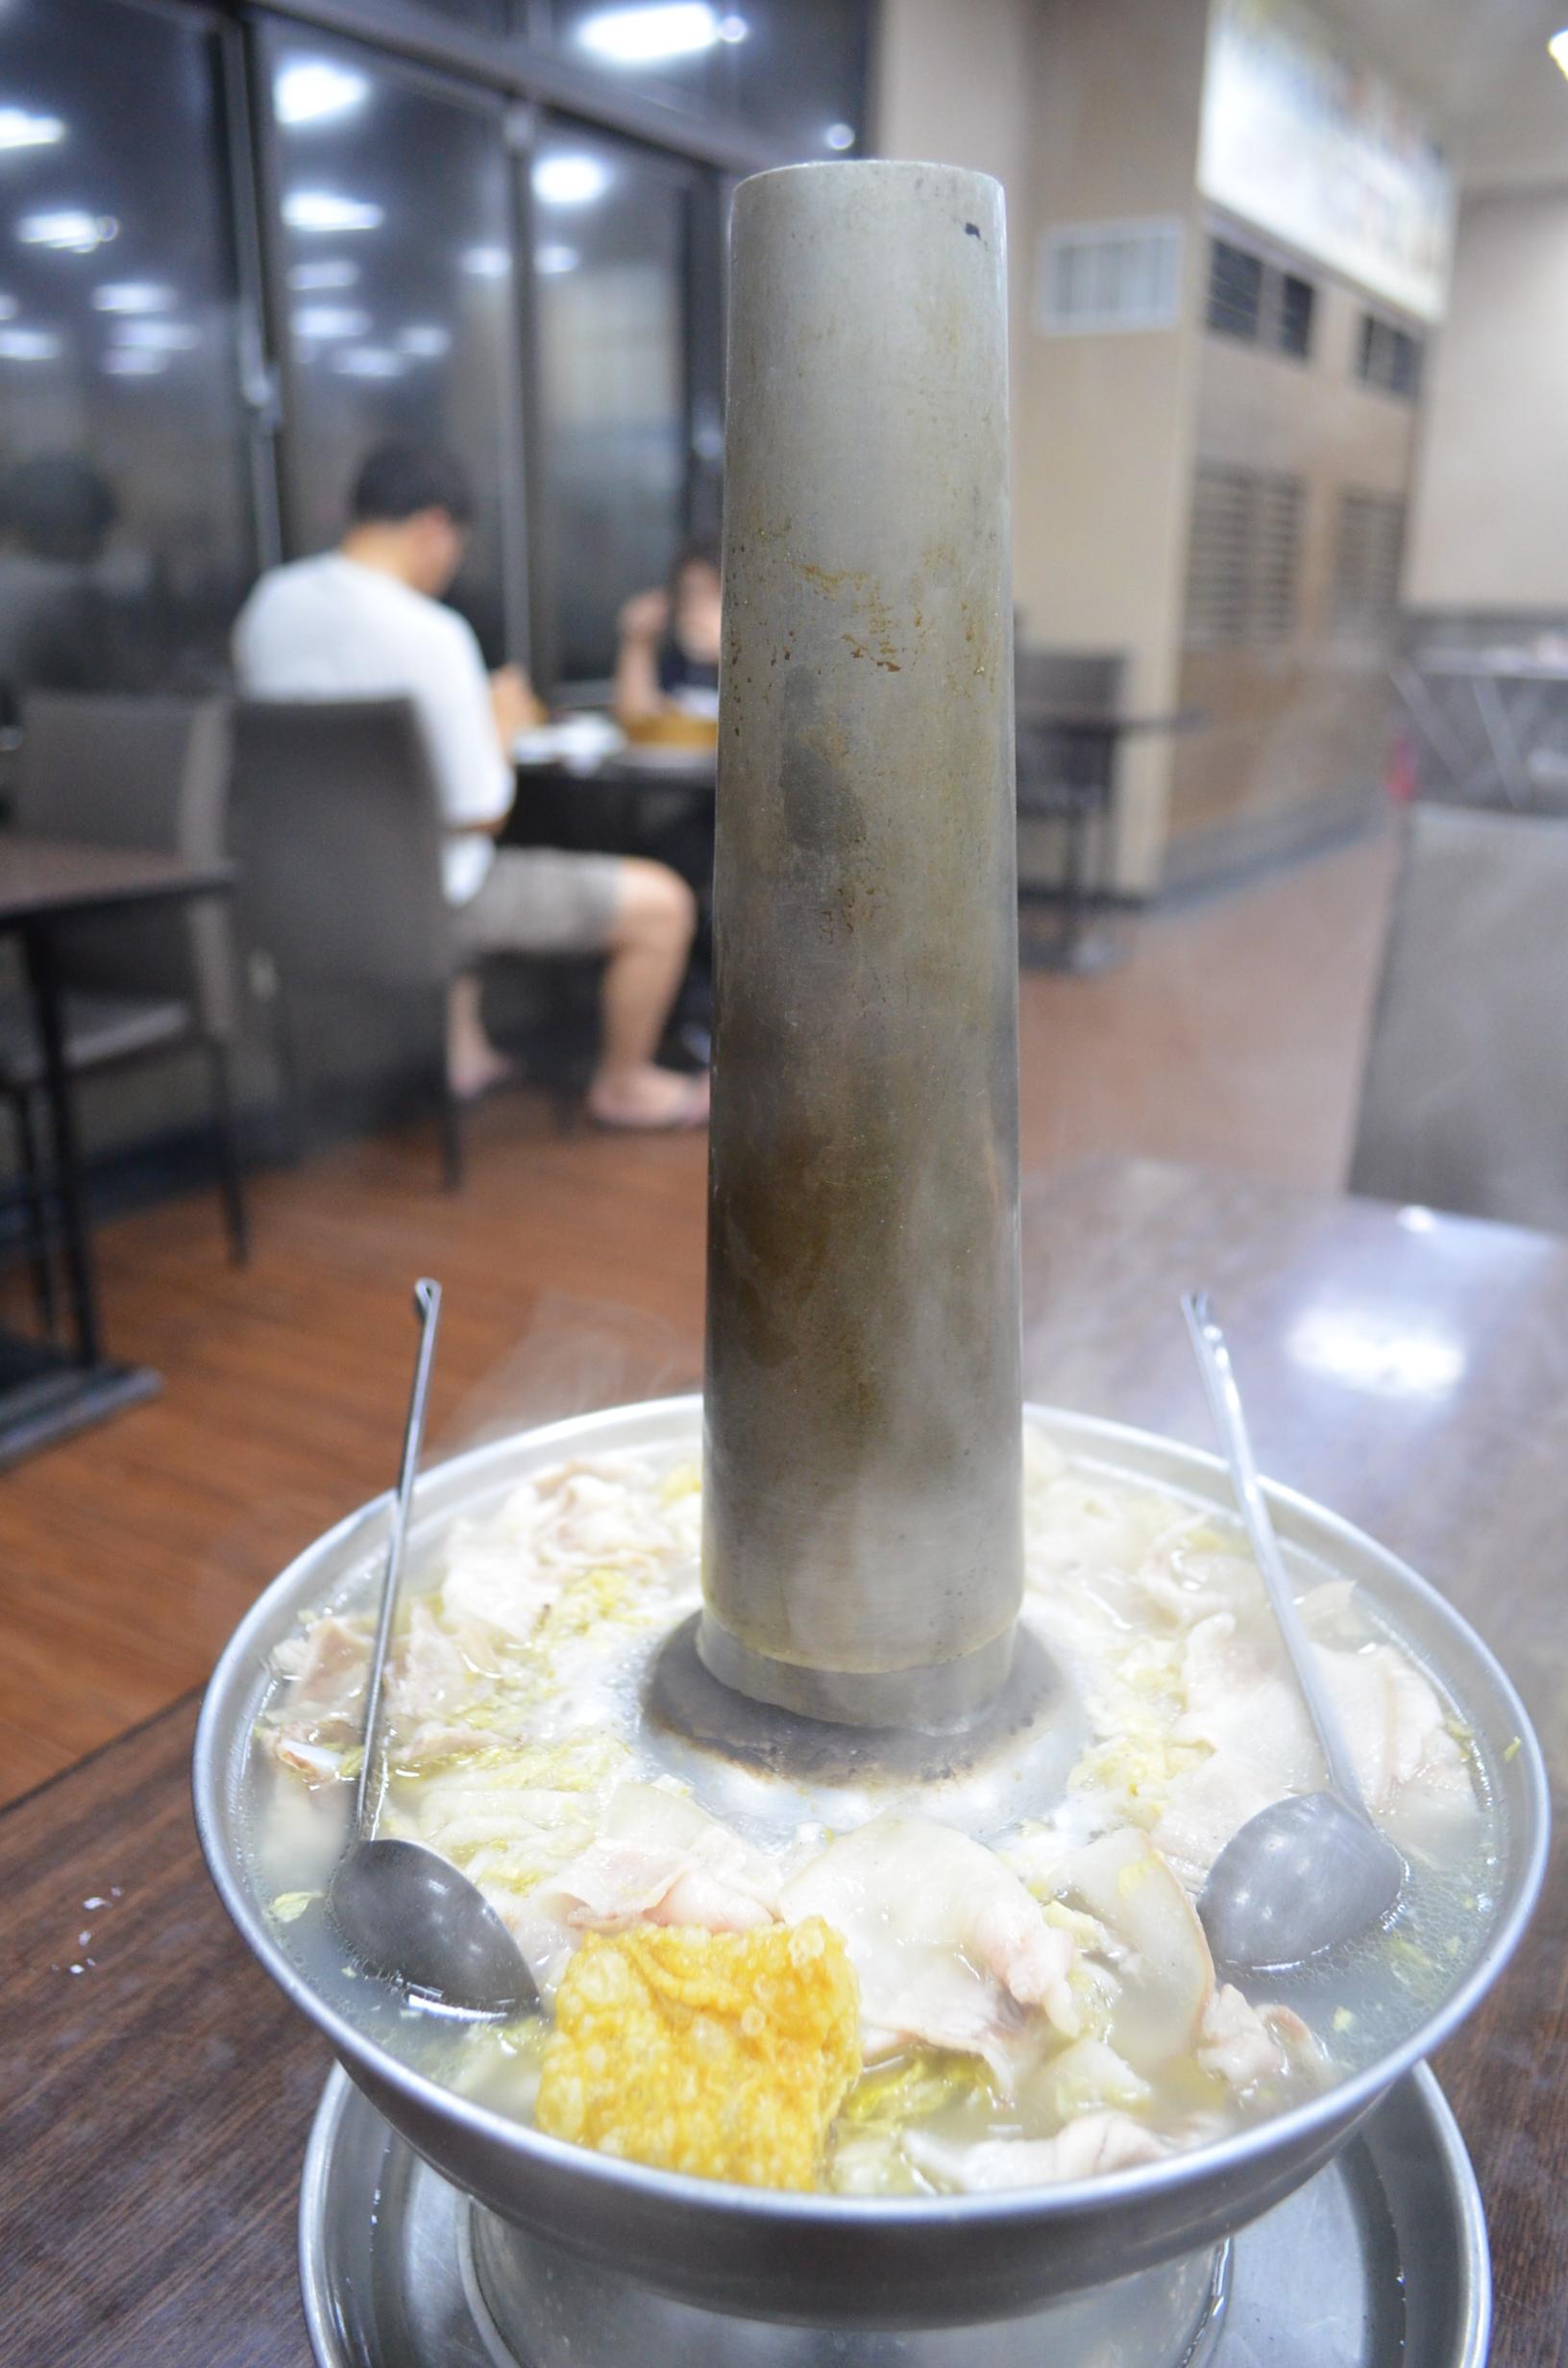 見上げるような煙突が付きだした鍋にたっぷりの酸白菜と豚肉が入る